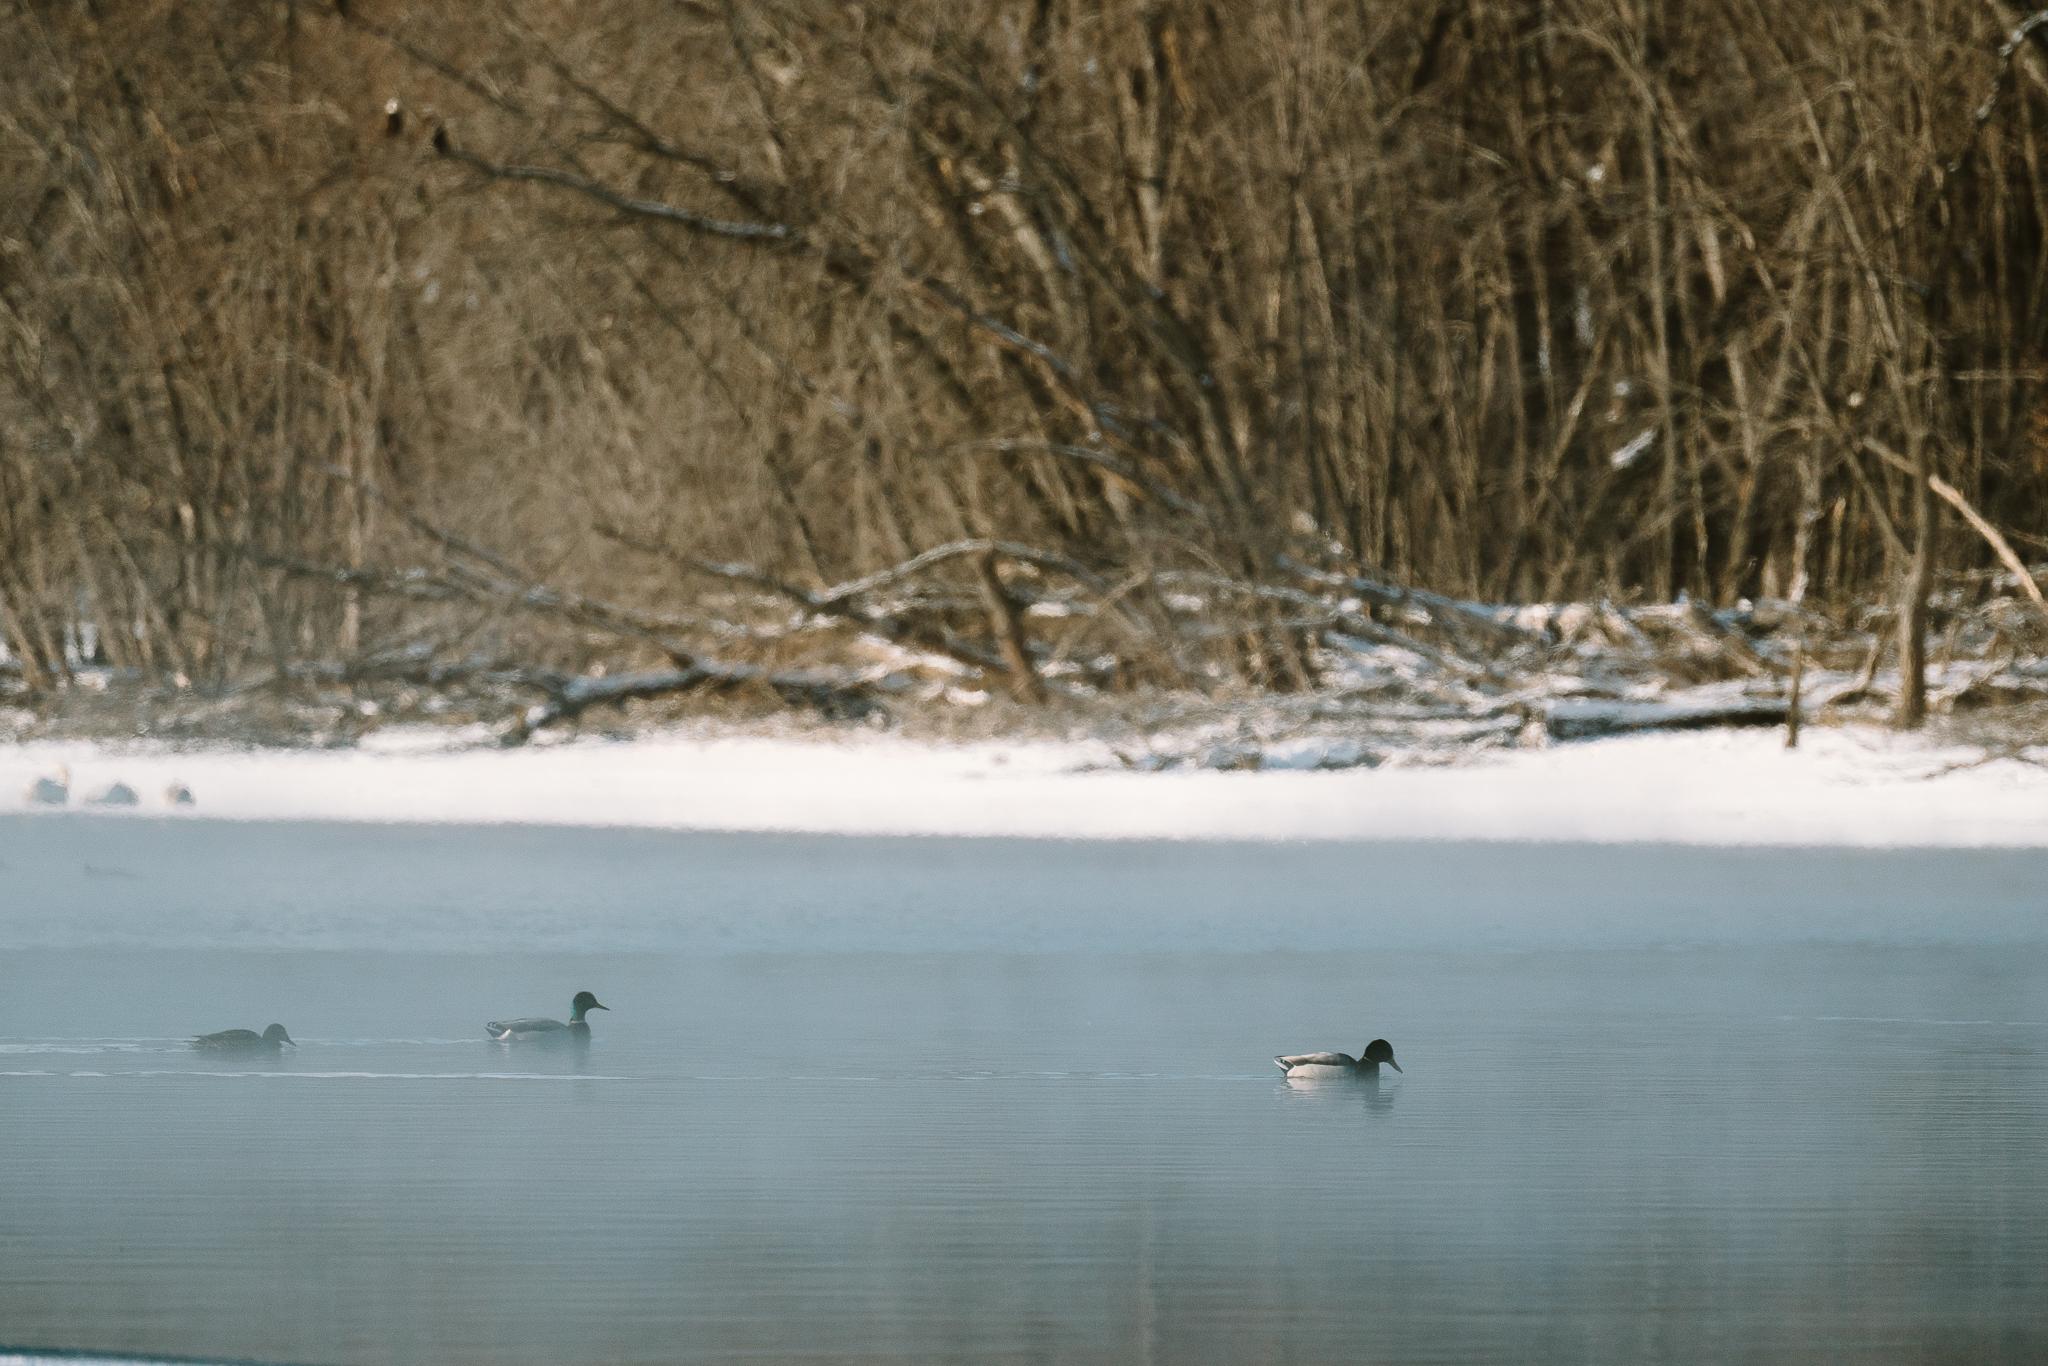 Mallard Ducks at Colvill Park in Red Wing, Minnesota